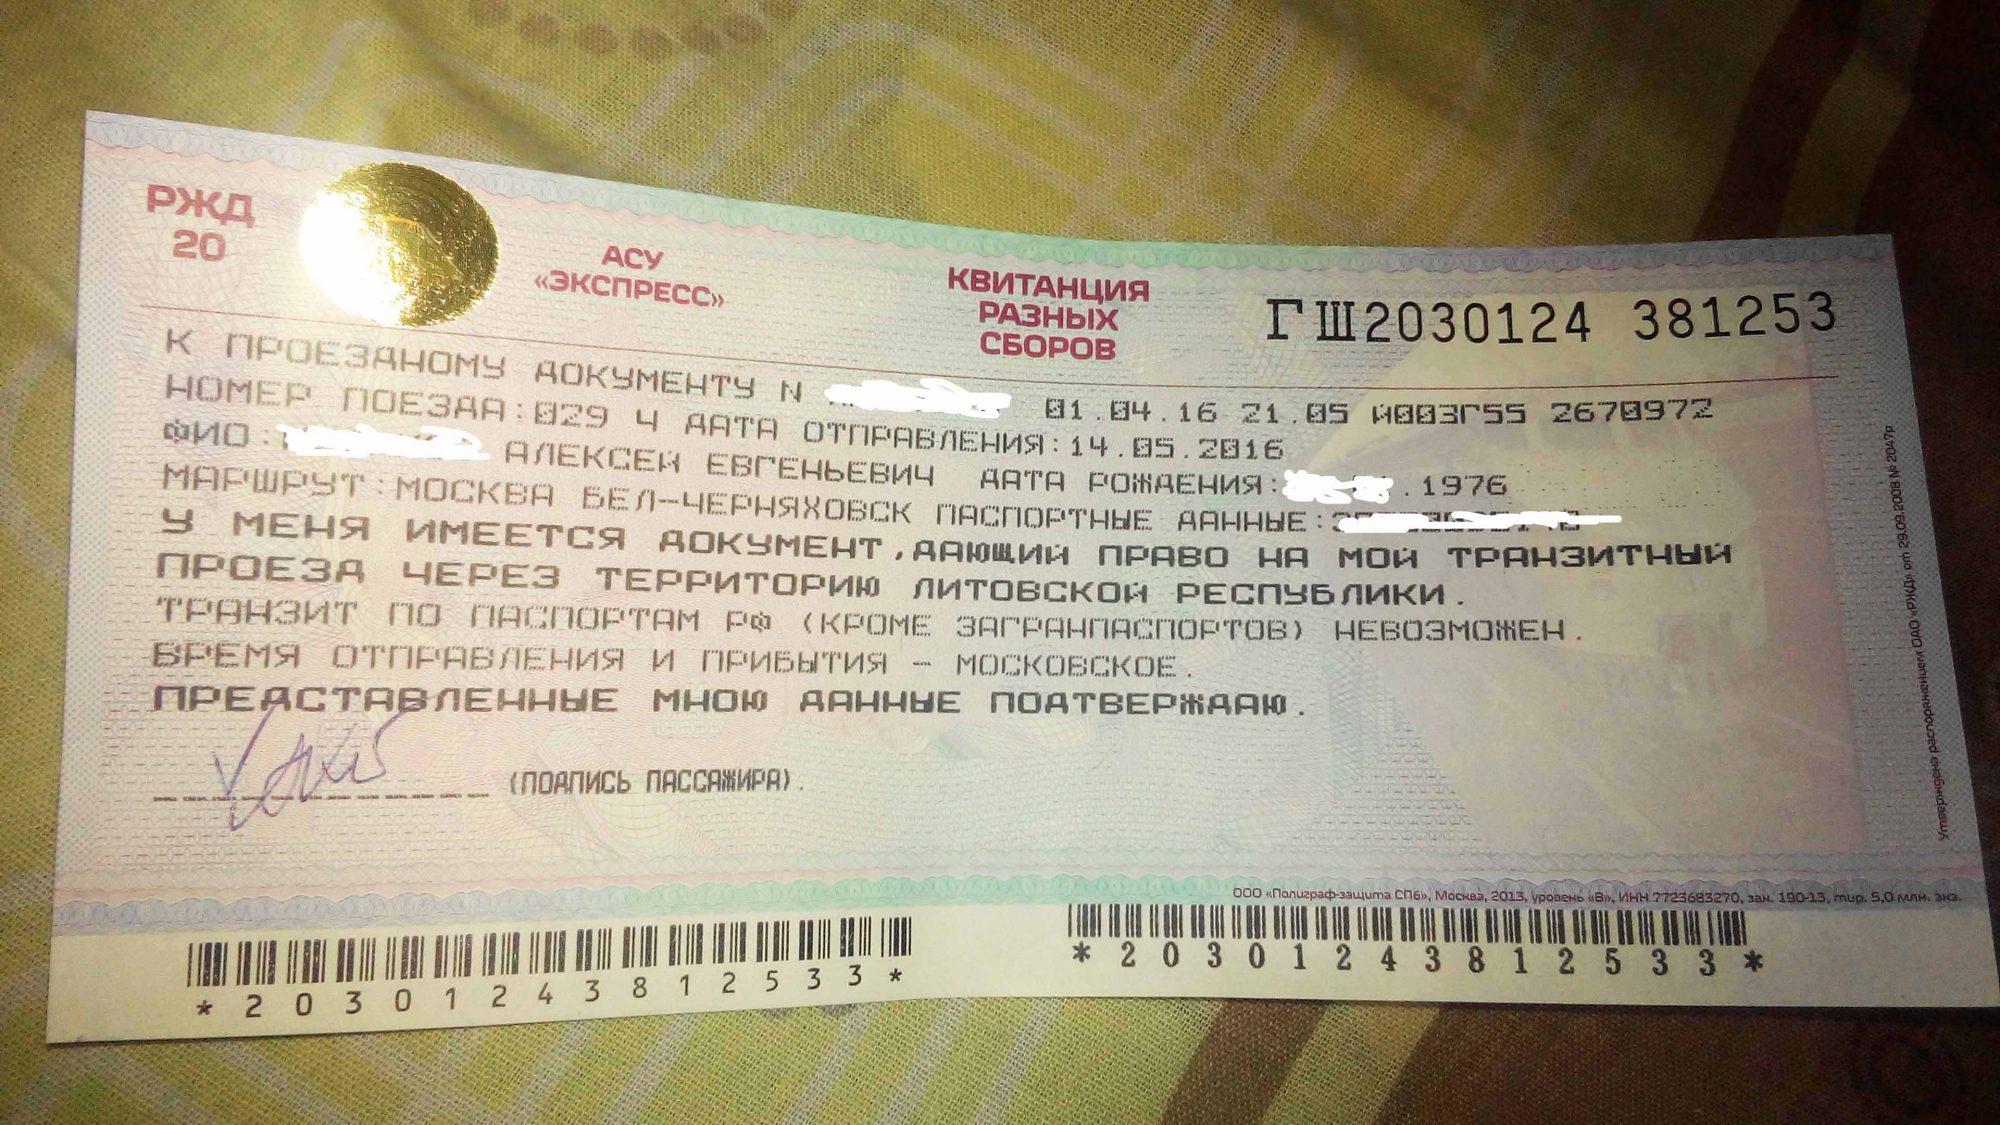 Документ для проезда по территории Литвы